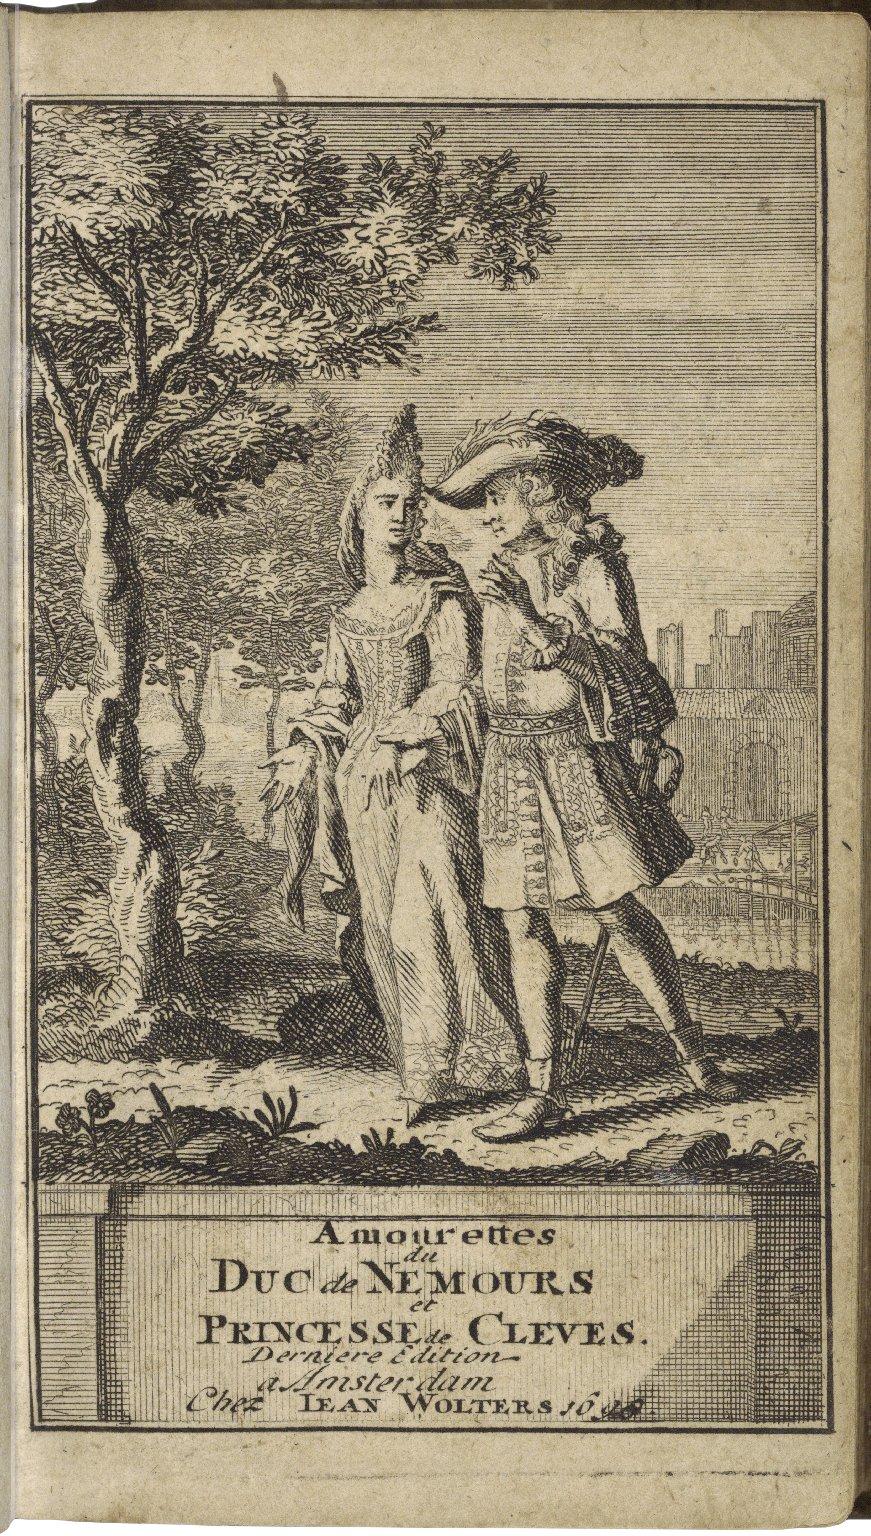 [Princesse de Clèves] Amourettes du duc de Nemours et princesse de Clèves.